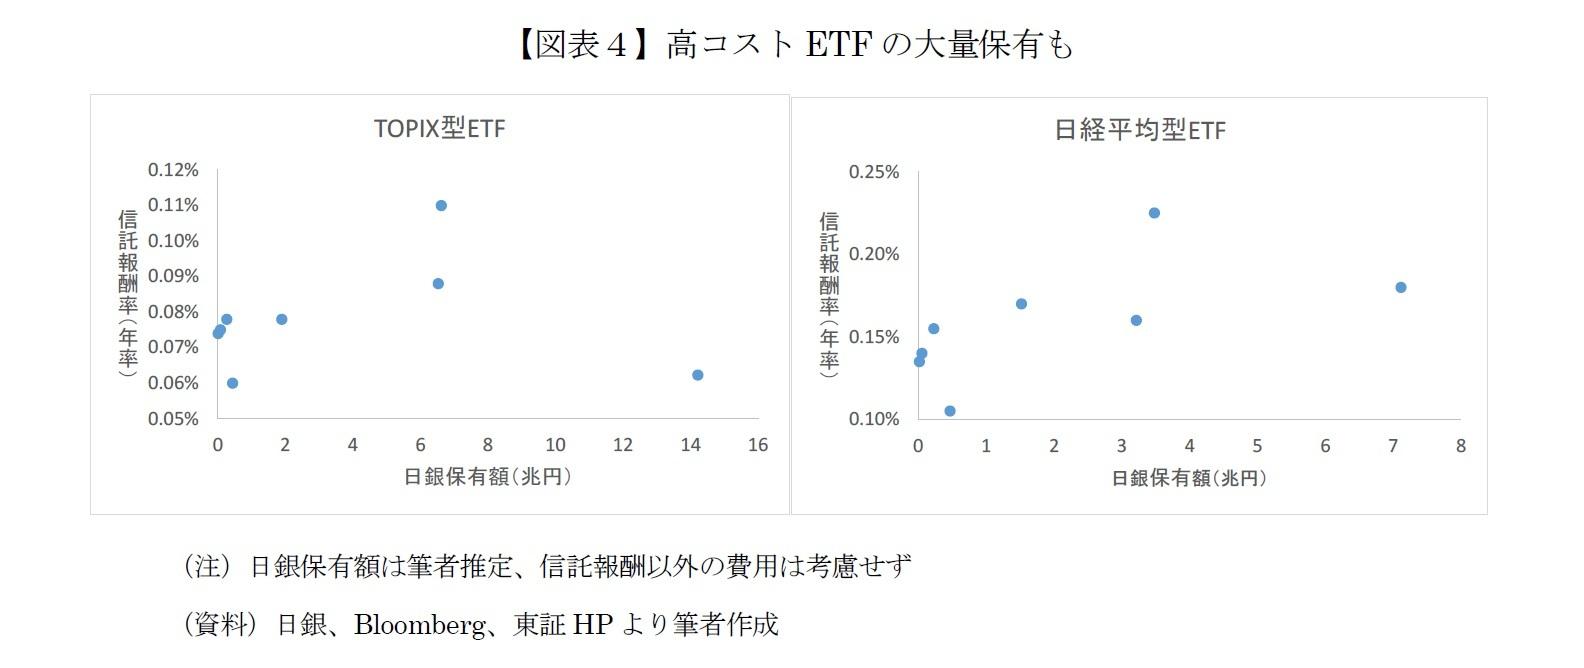 【図表4】高コストETFの大量保有も